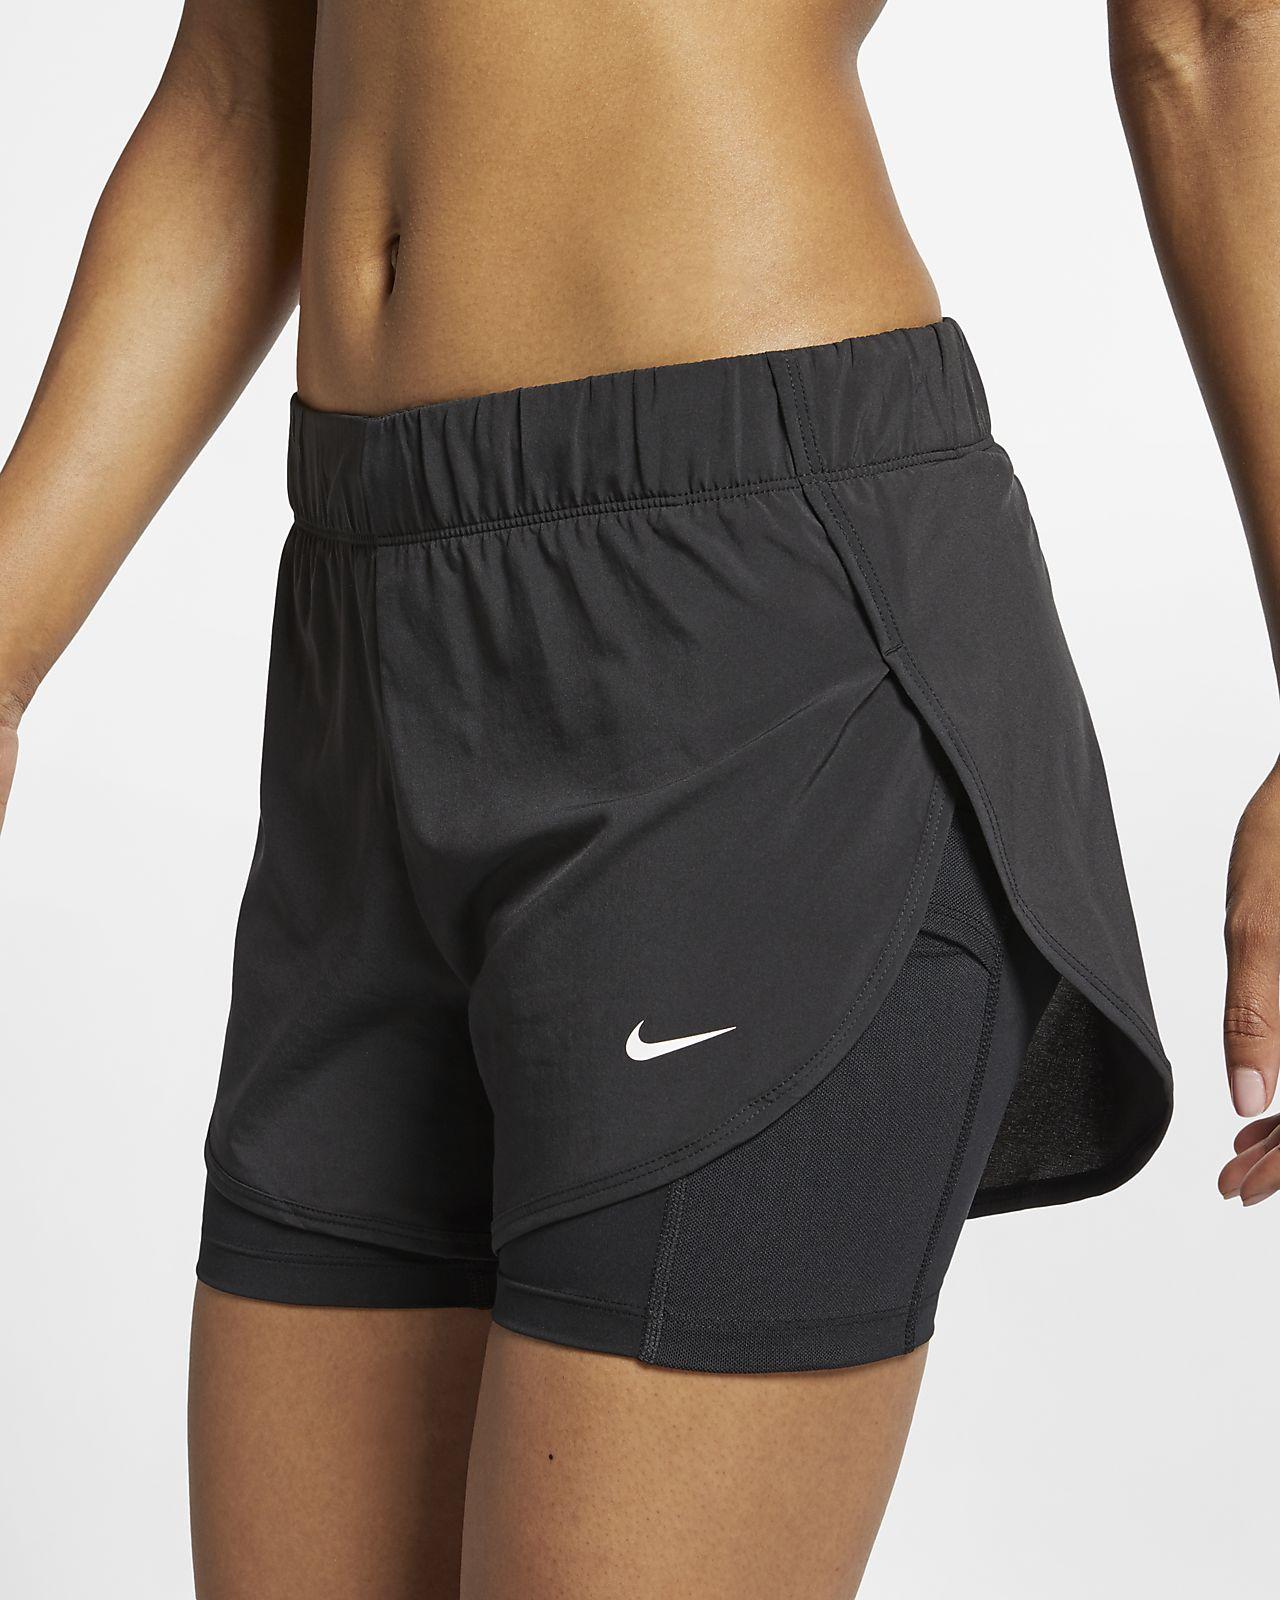 Calções de treino 2 em 1 Nike Flex para mulher